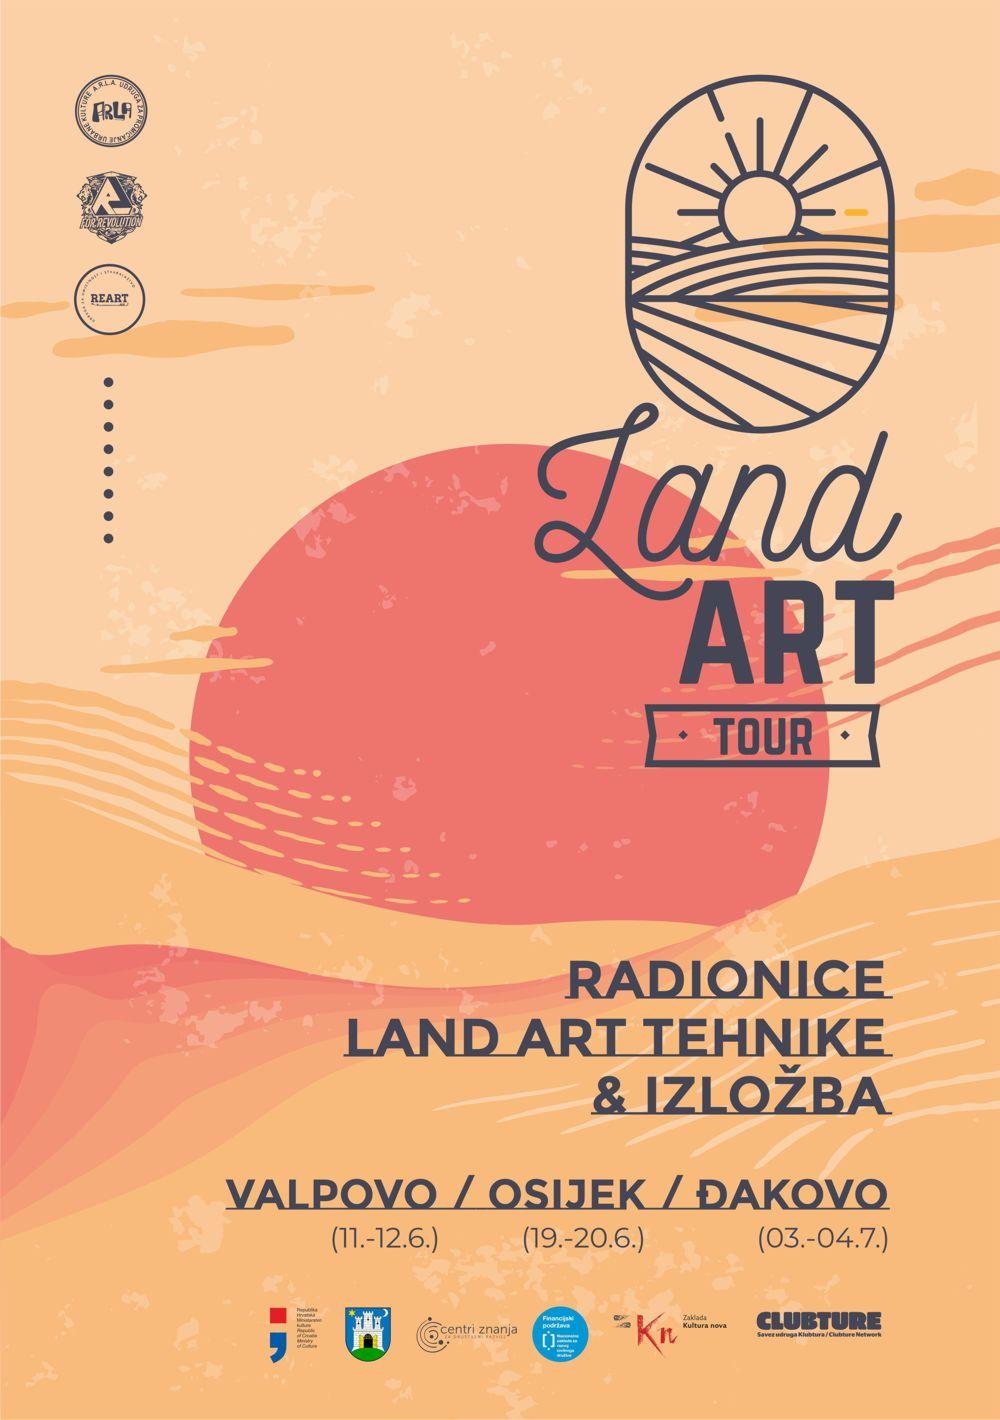 Land art tour (Valpovo, Osijek, Đakovo)